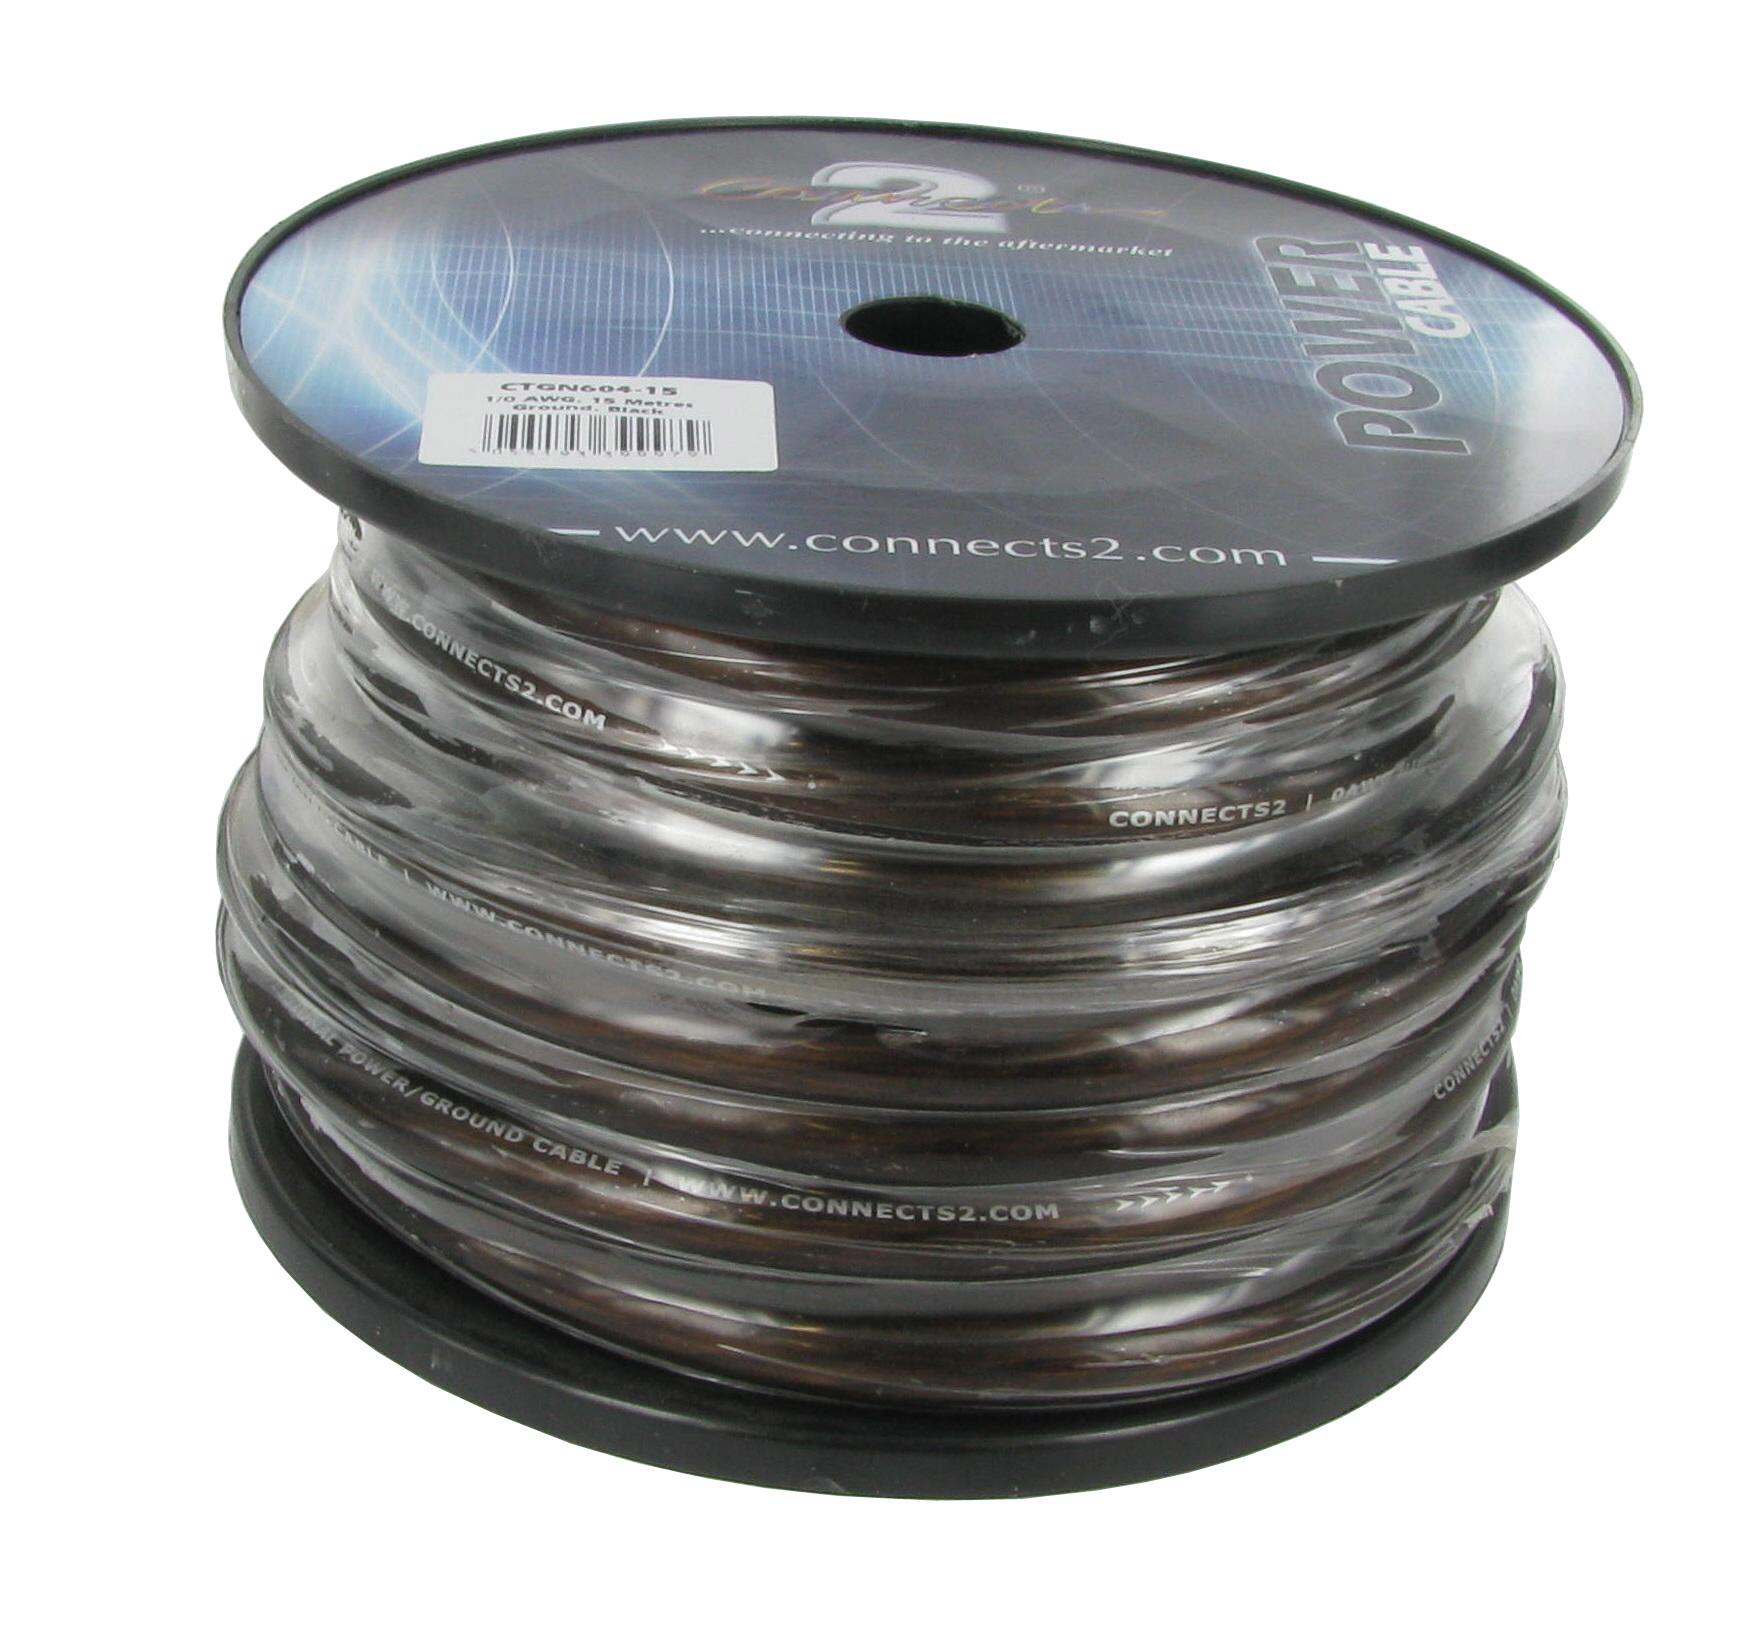 21mm2 kabel svart